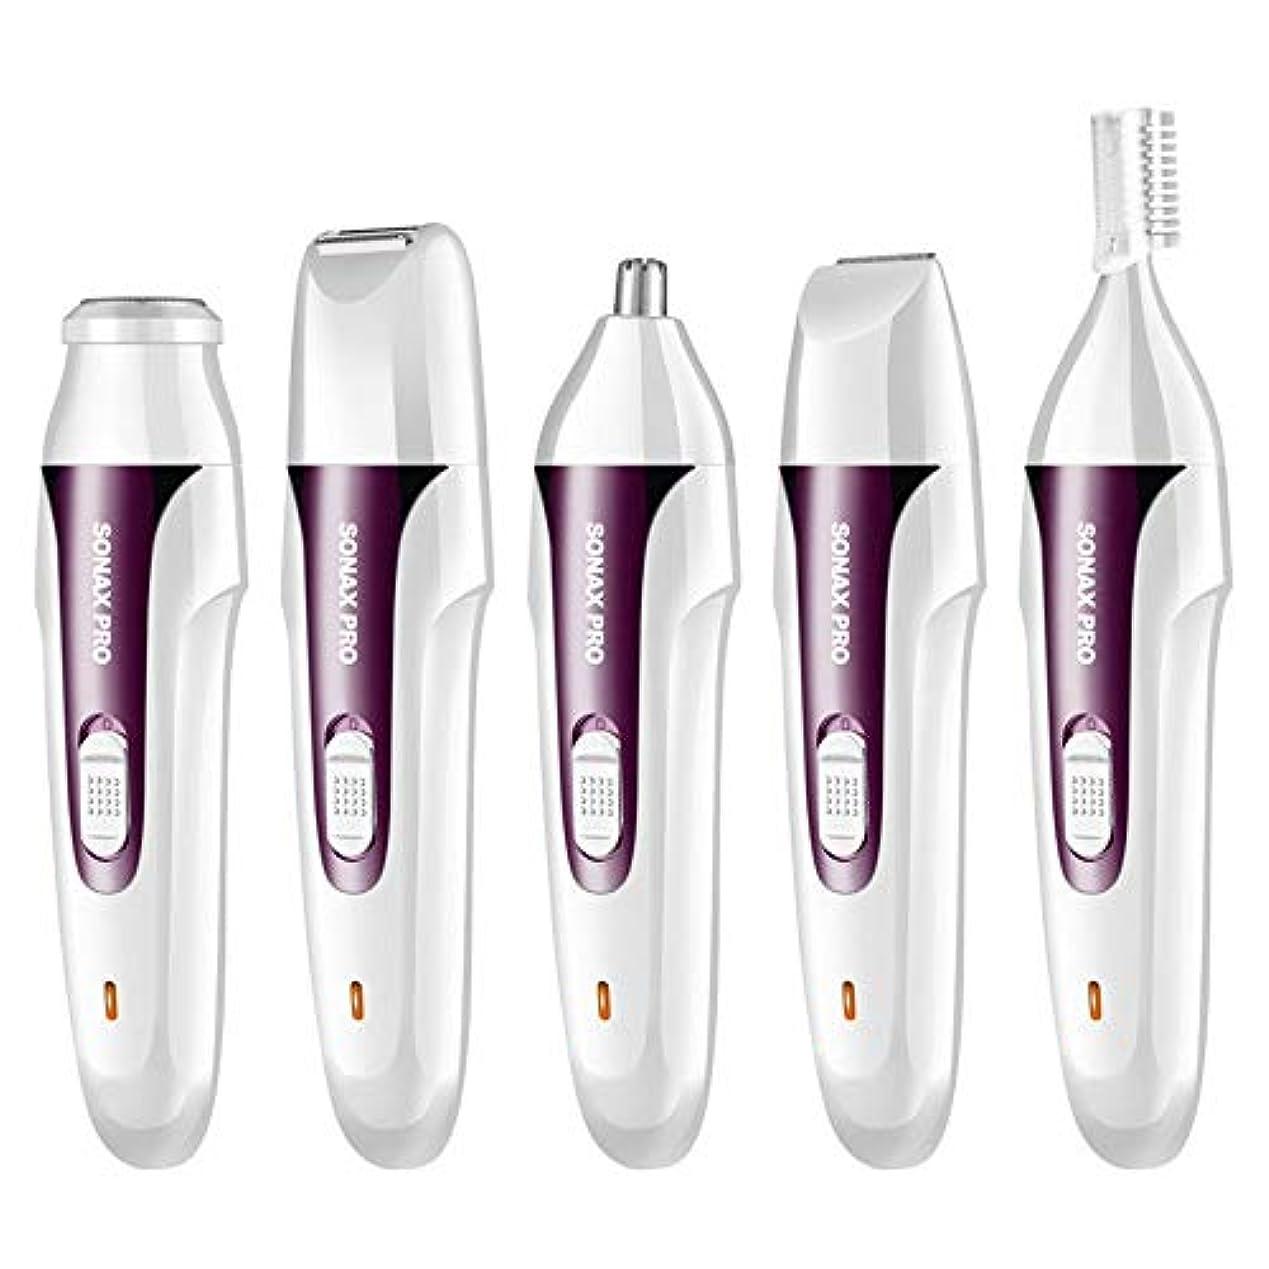 ベッド販売員シェトランド諸島鼻毛カッター はなげカッター 電気鼻耳トリマー、眉毛トリマー、オールインONEヘアーリムーバー女性、無痛カミソリテクノロジー (Color : Purple, Size : USB)